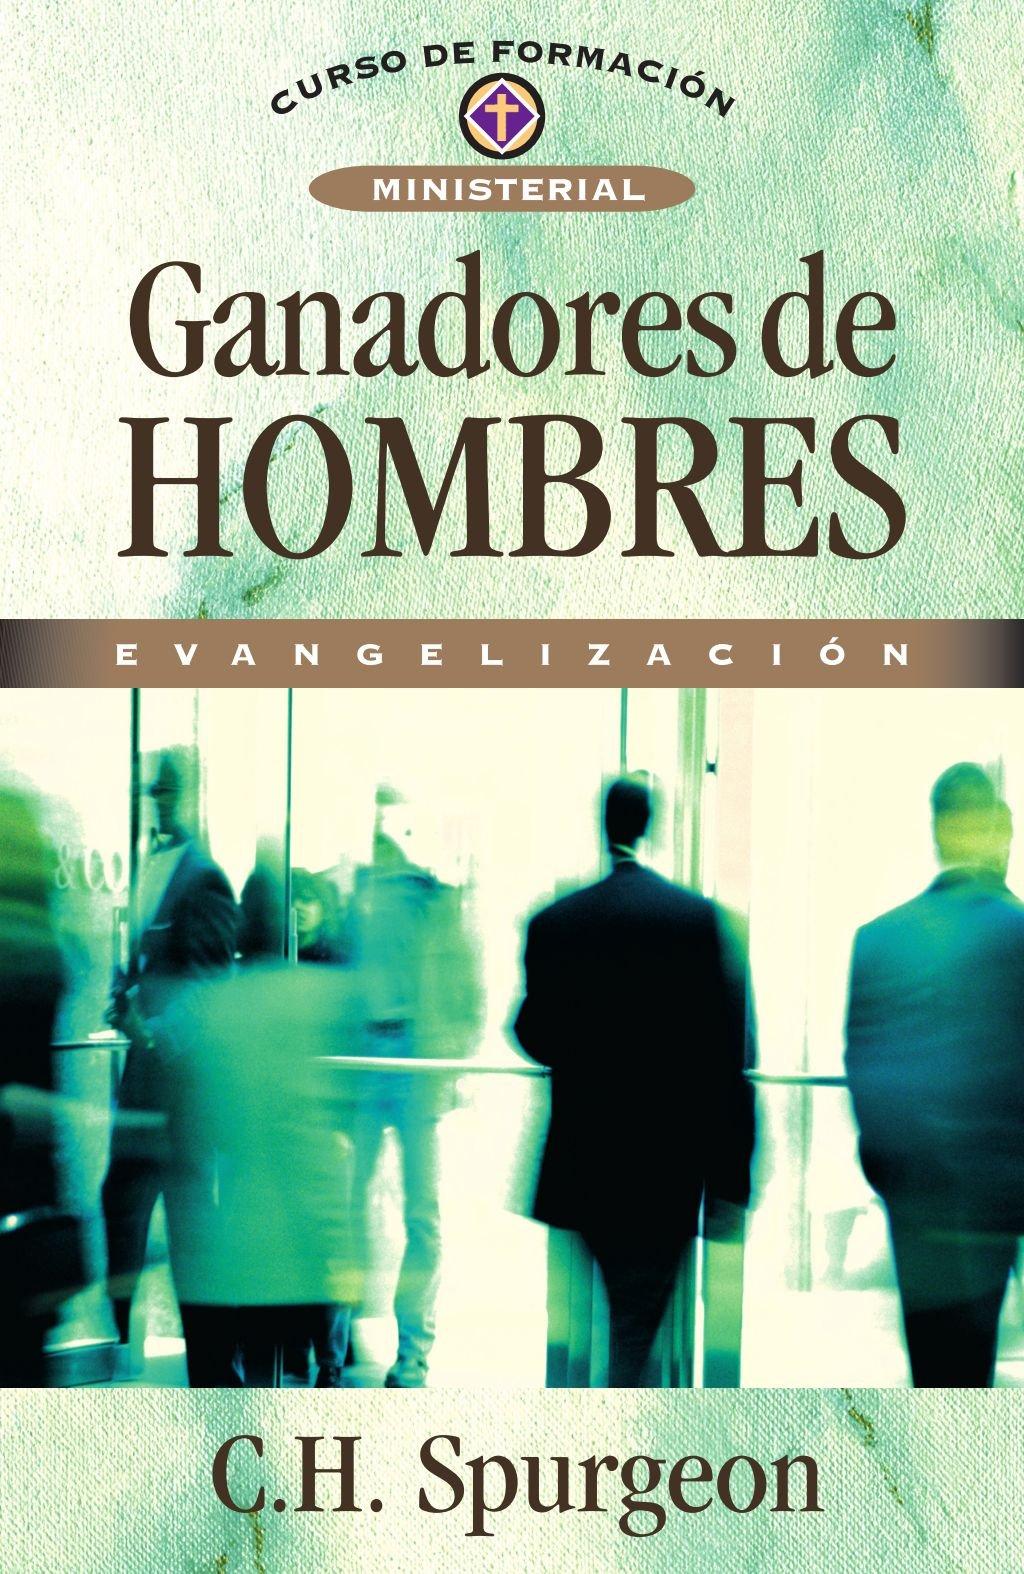 Ganadores De Hombres: Amazon.es: C. H. Spurgeon: Libros